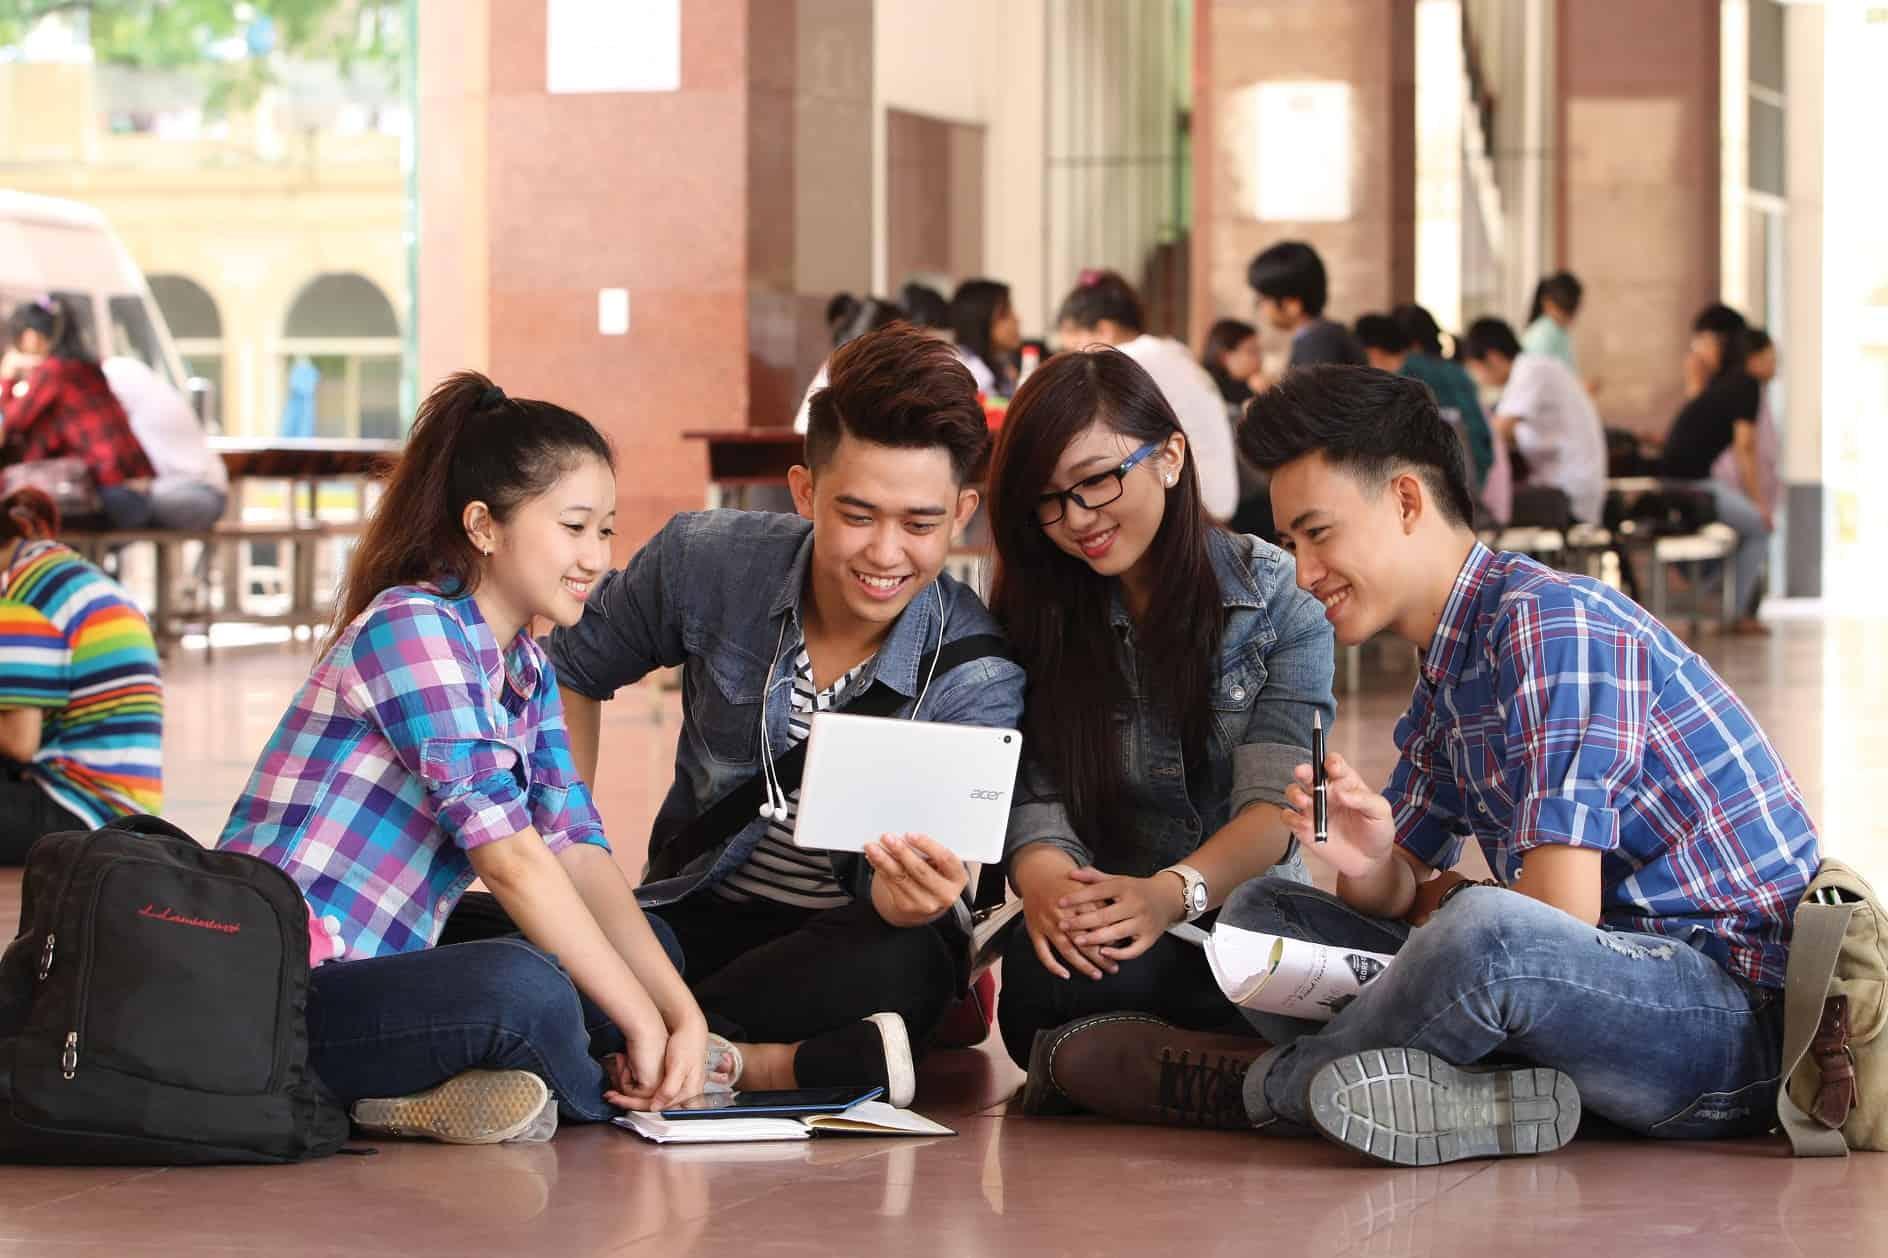 Việc làm thêm sinh viên tốt nhất: Tăng thu nhập, rèn kỹ năng